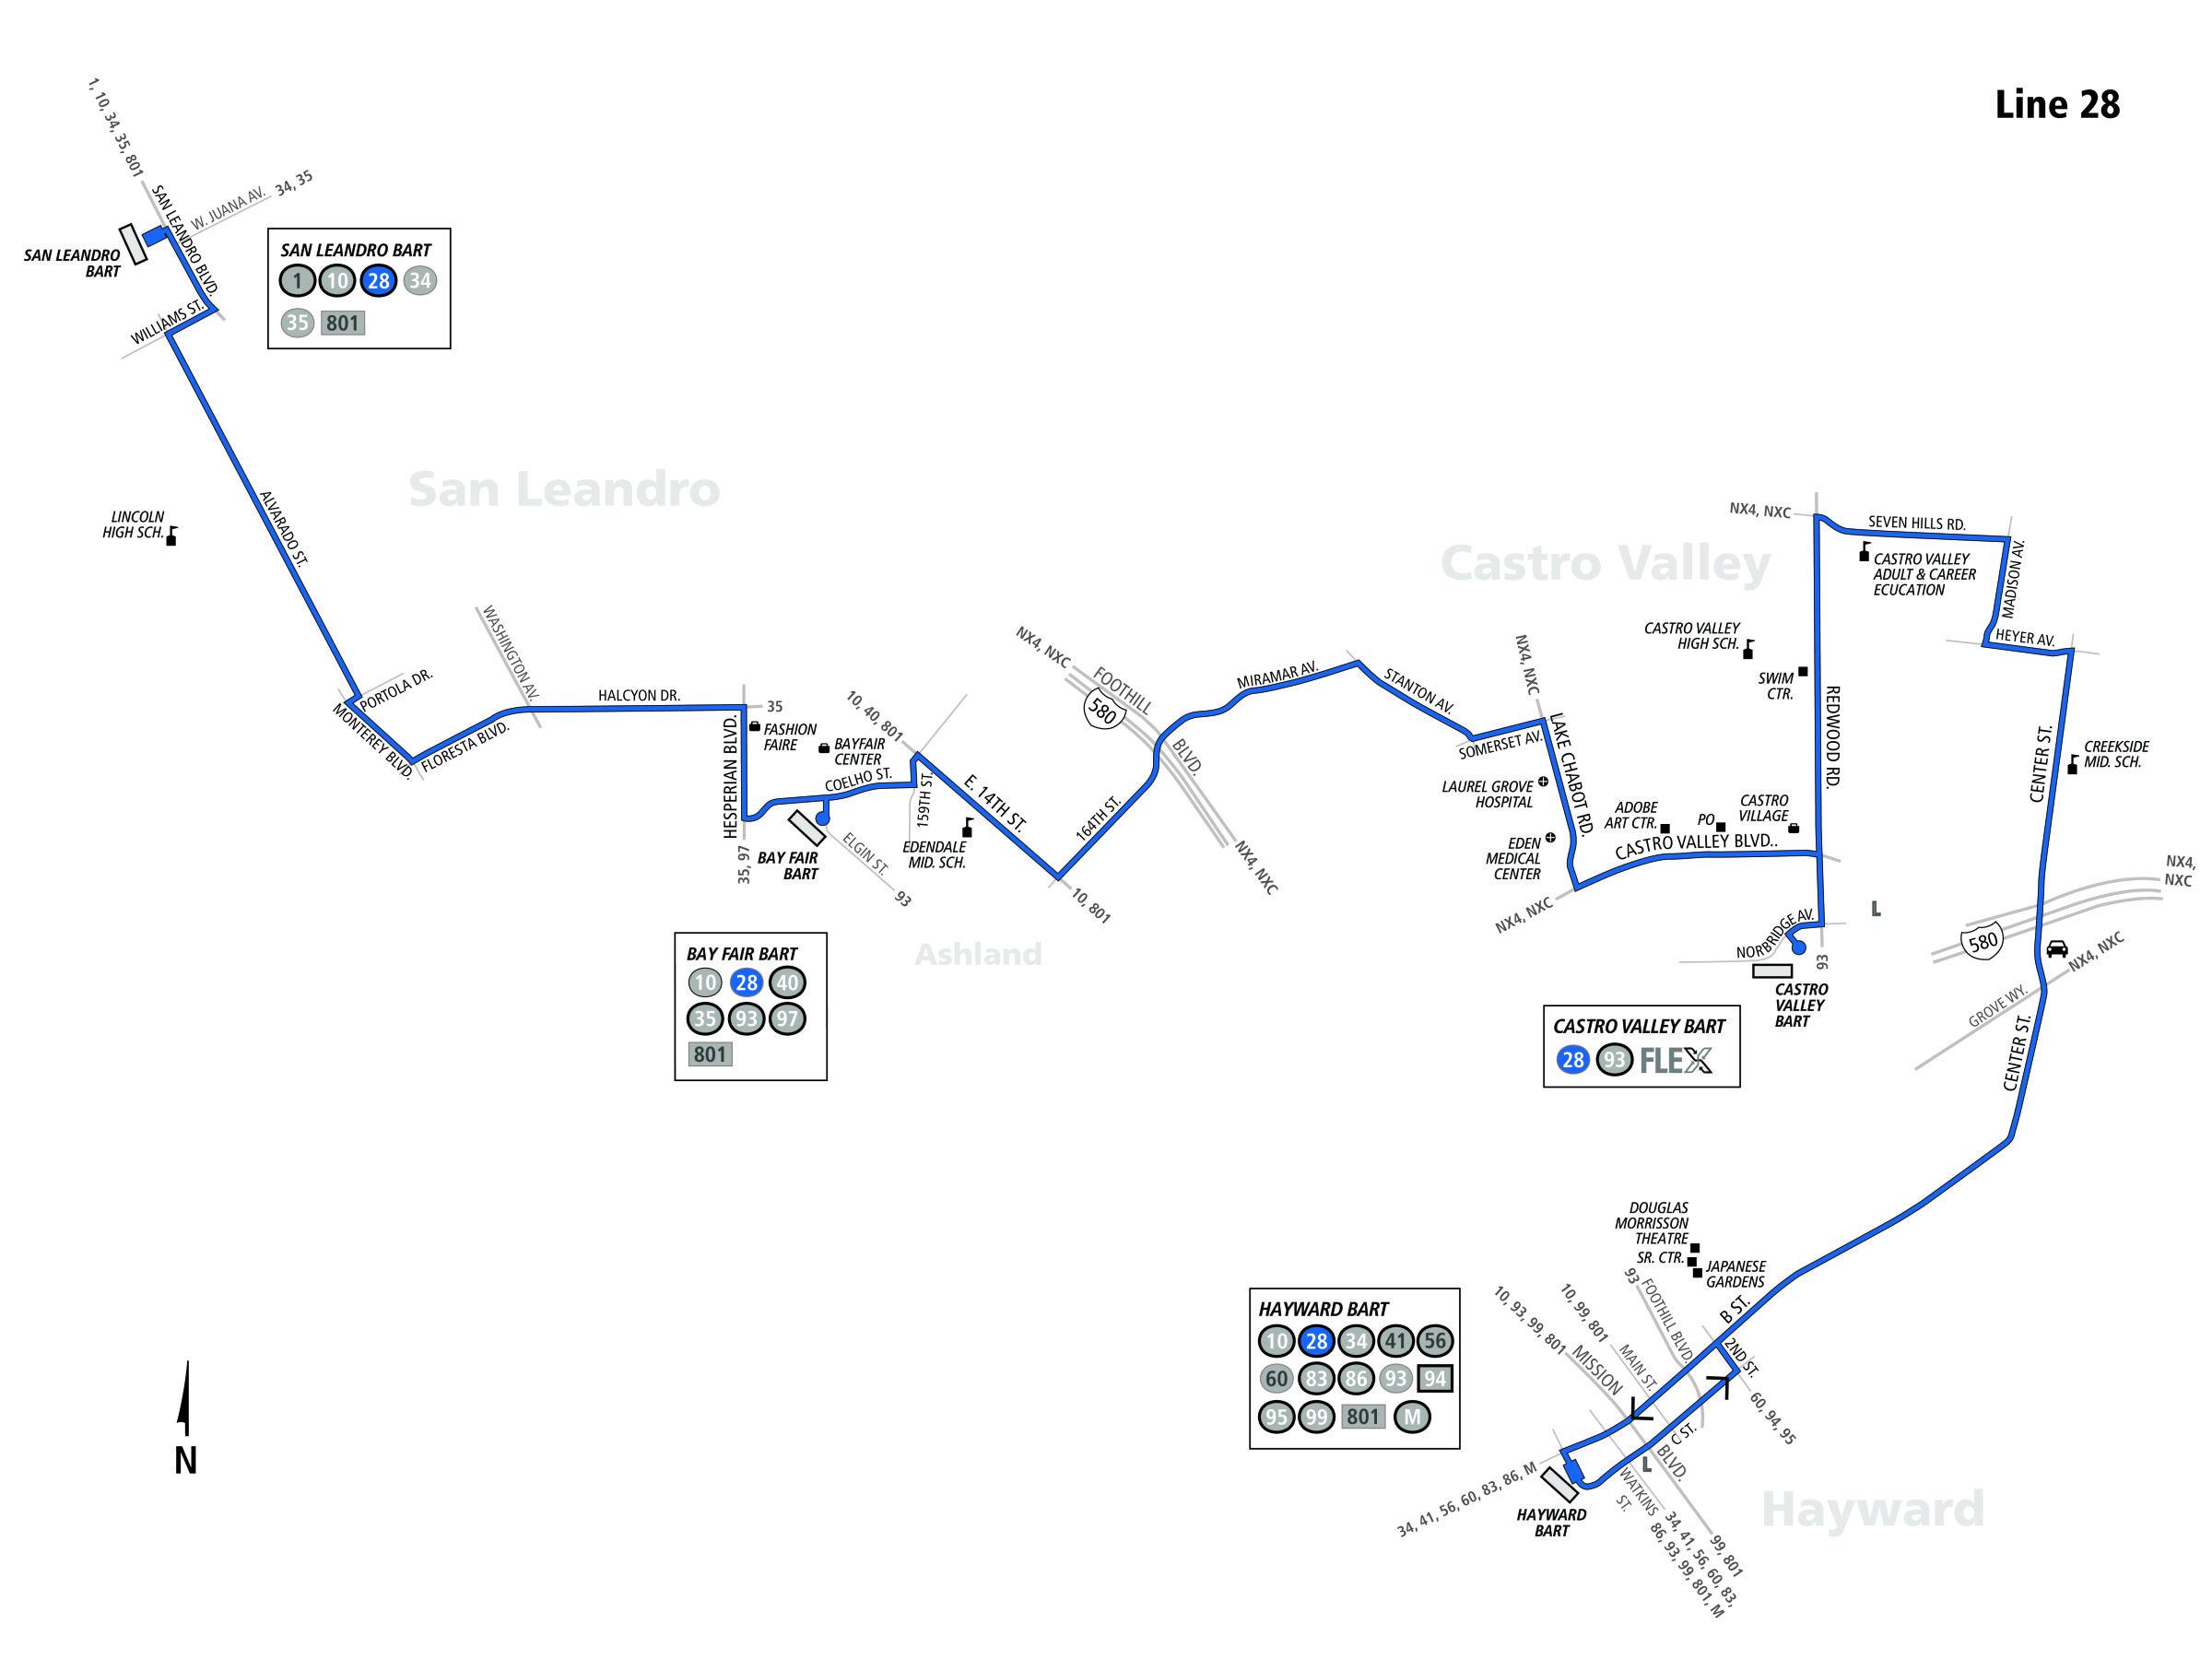 28 bus route - ac transit - sf bay transit